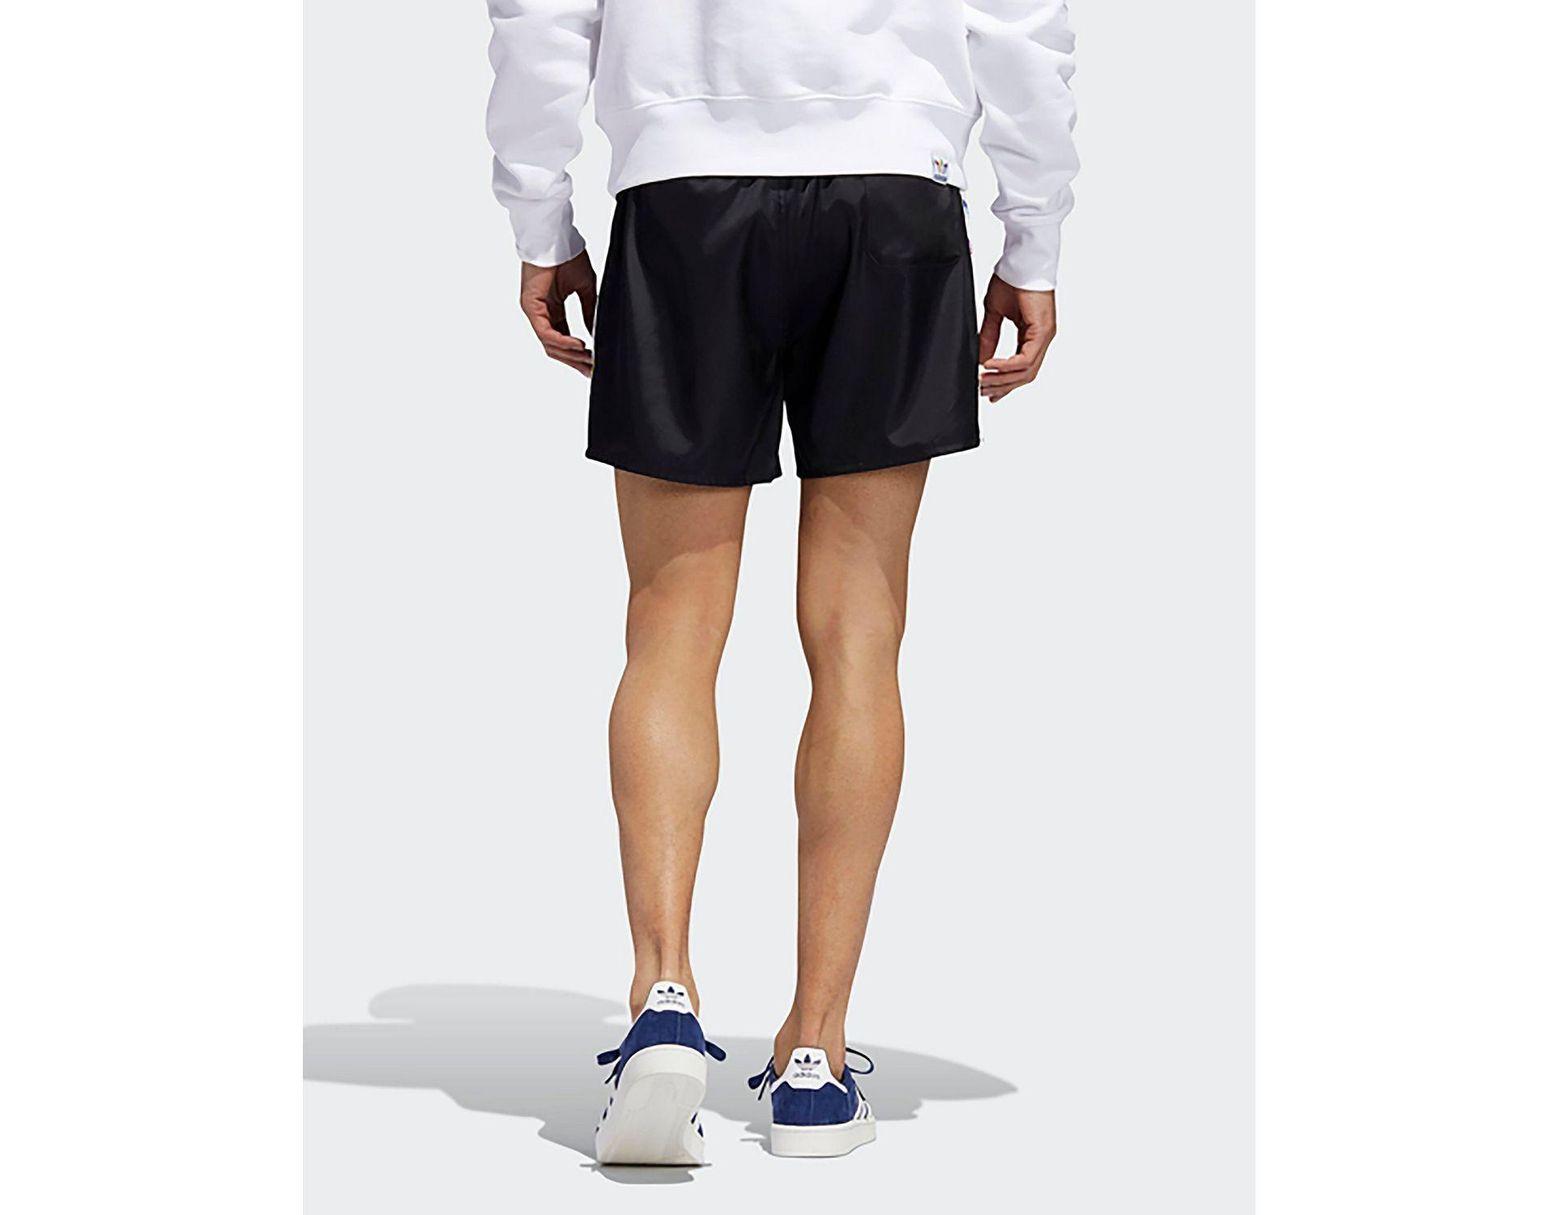 adidas Originals Pride Trefoil Tape Shorts M: